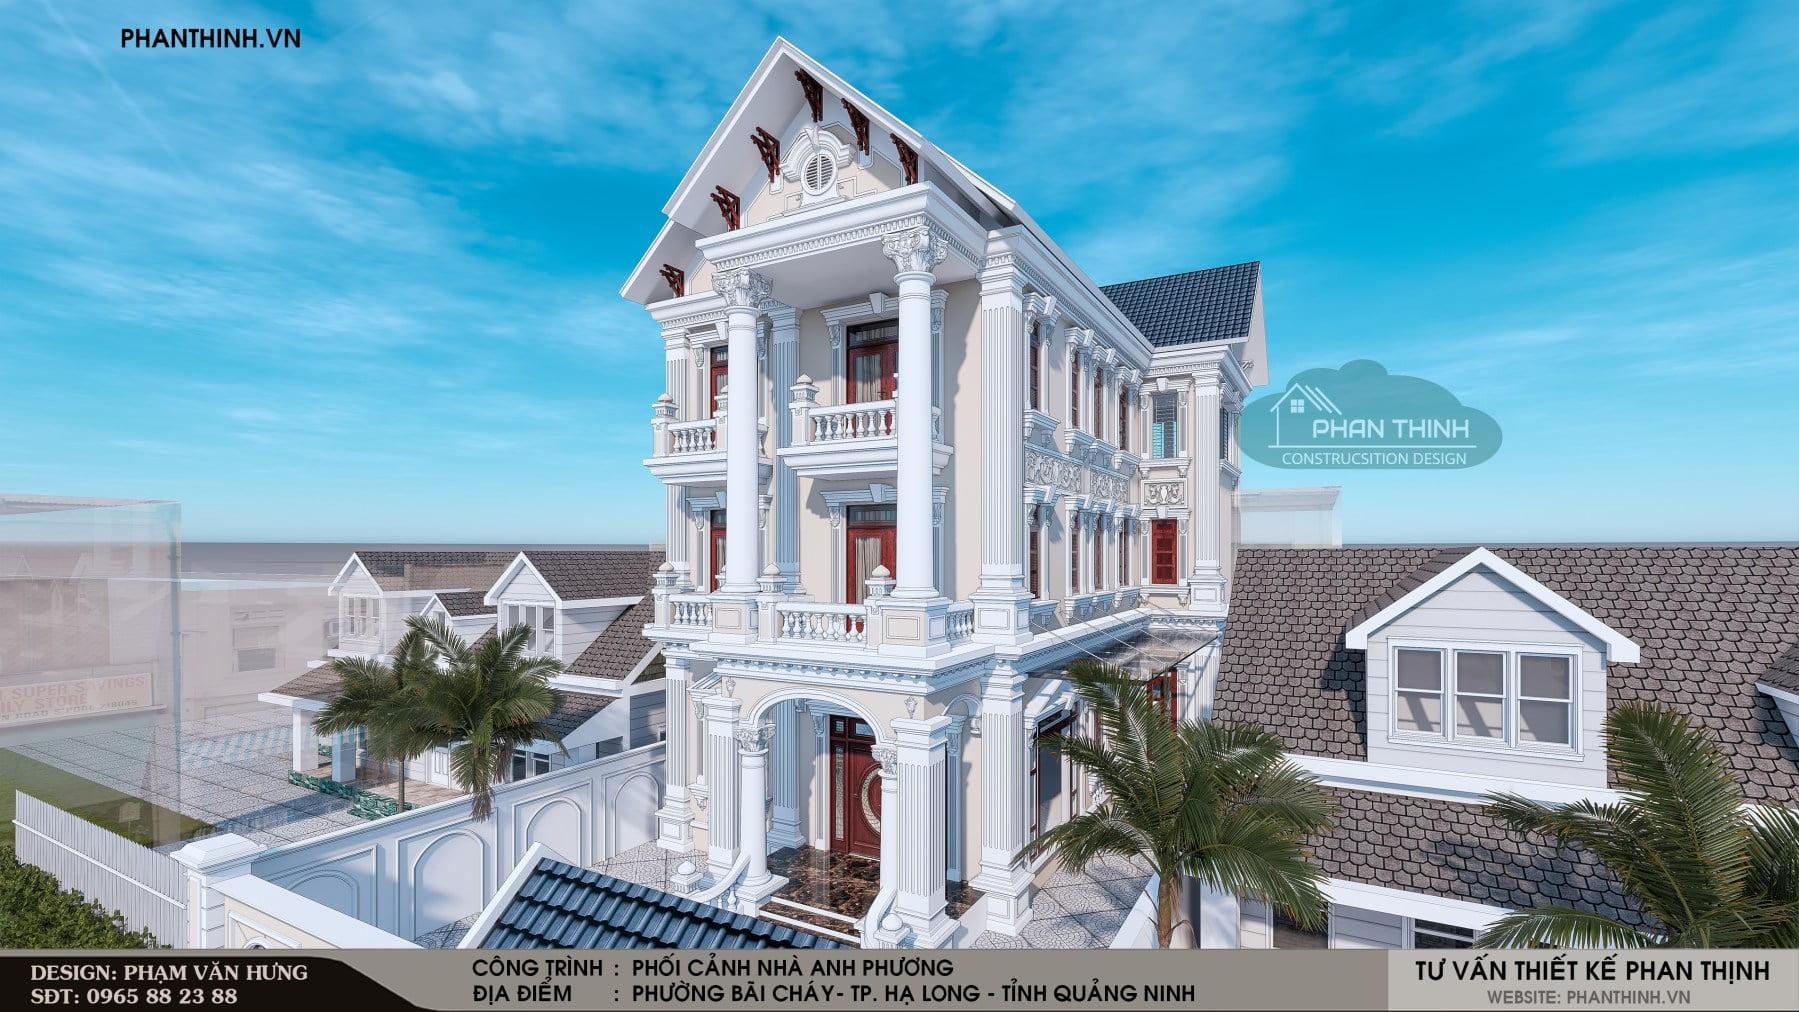 Thiết kế phối cảnh mặt tiền căn biệt thự 3 tầng phong cách châu âu